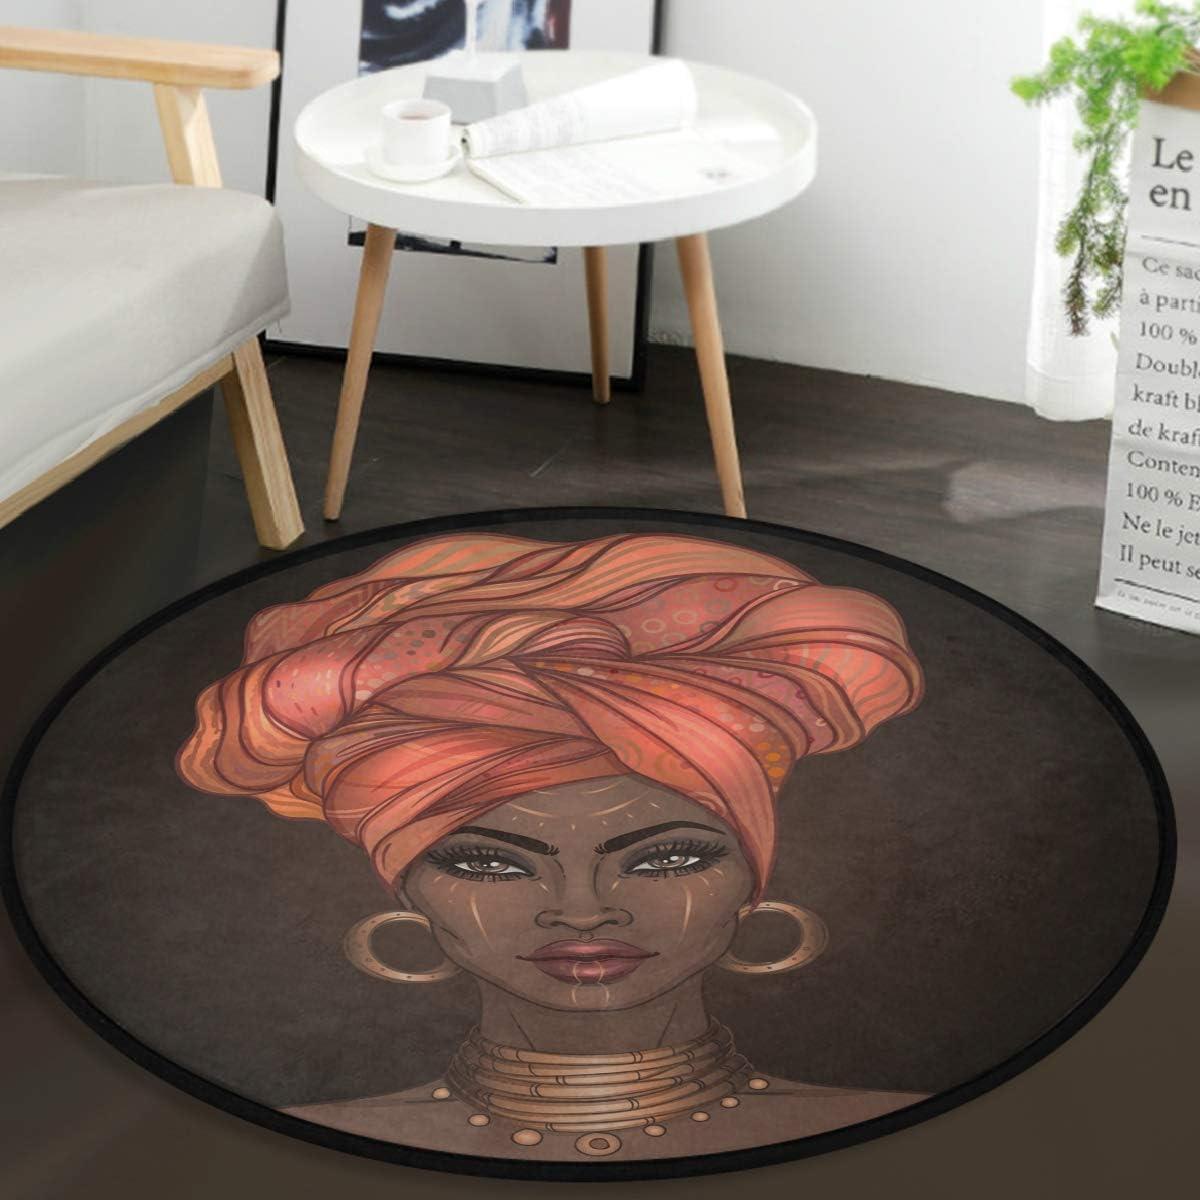 Vdsrup Vintage African Girl Doormat Beautiful African Women Round Floor Mat Non Slip Carpet Yoga Mat Rugs for Entryway Bedroom Living Room Home Decor 3'